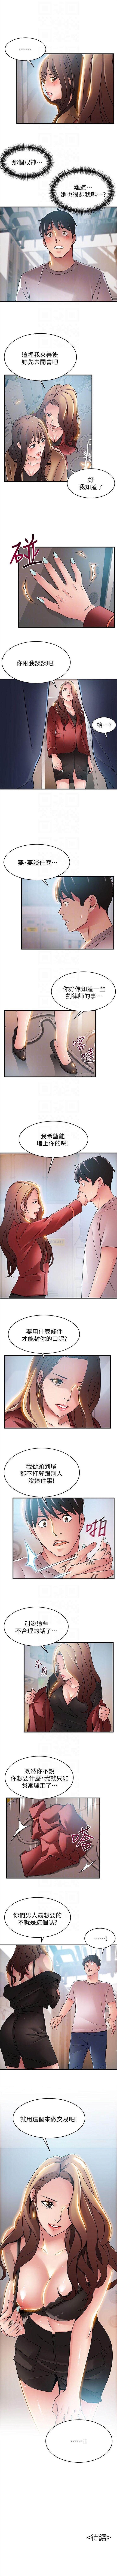 (週7)弱點 1-76 中文翻譯(更新中) 236